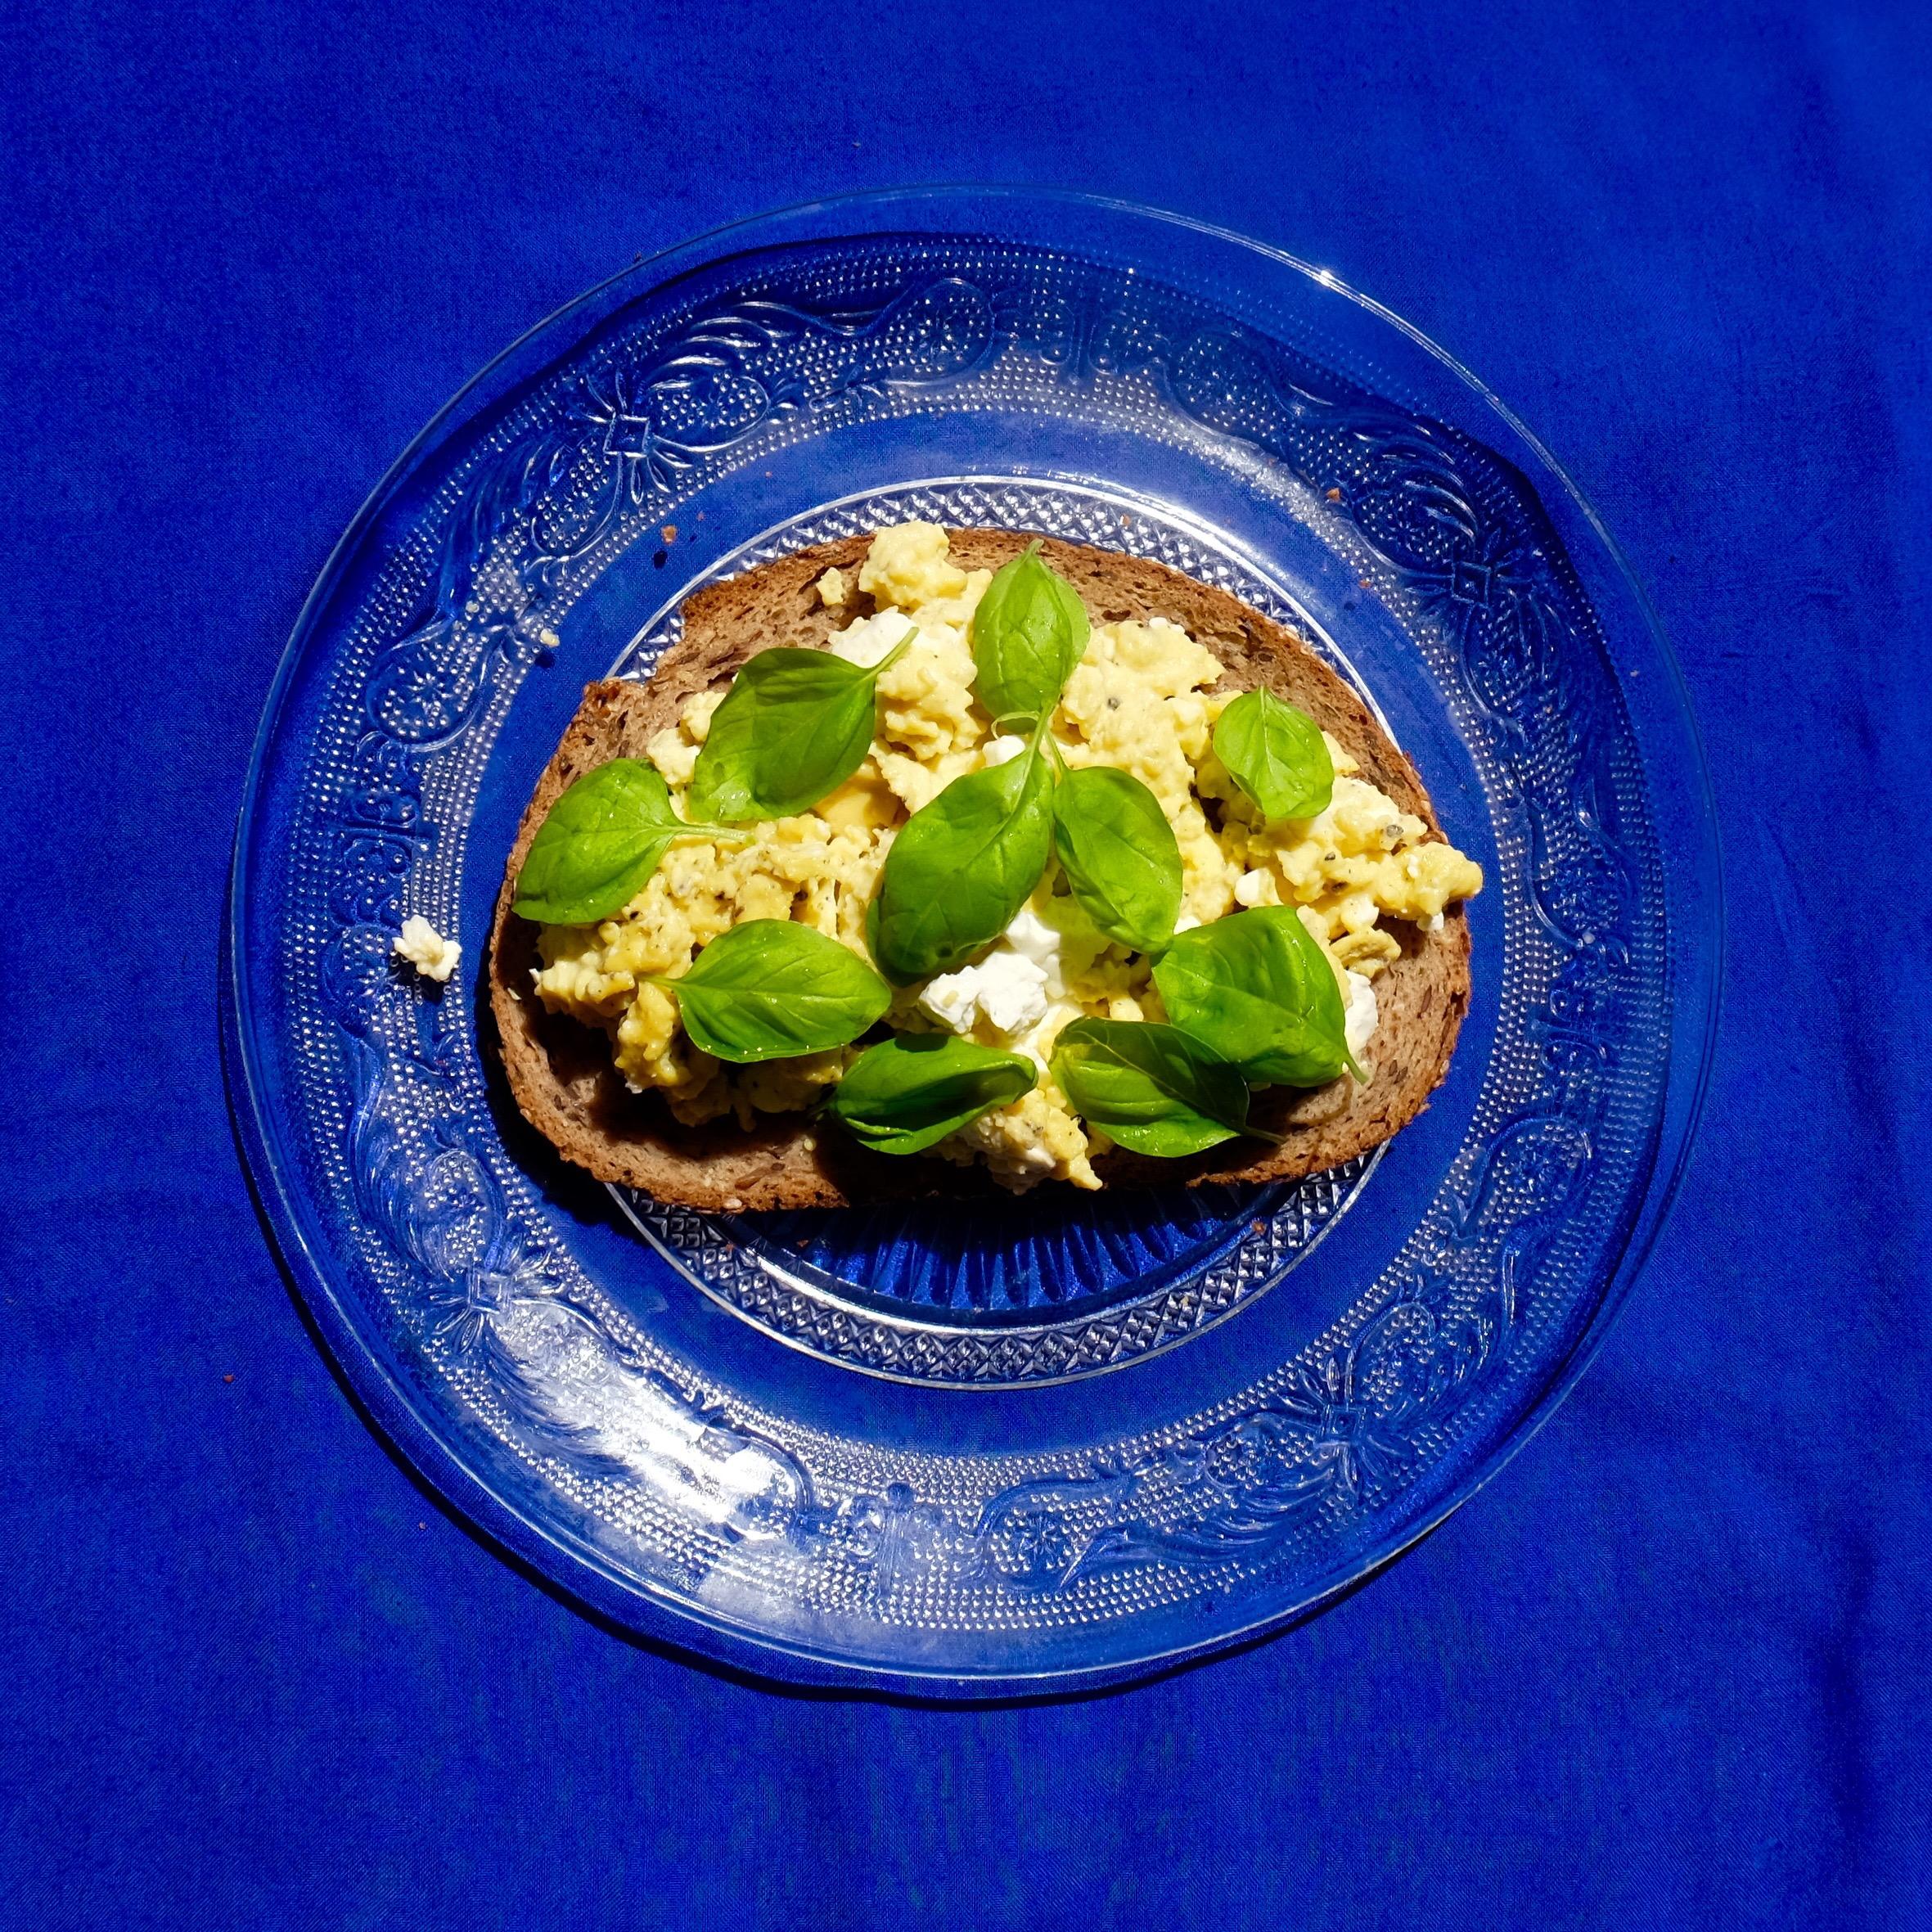 recette sandwich d'annakelsat